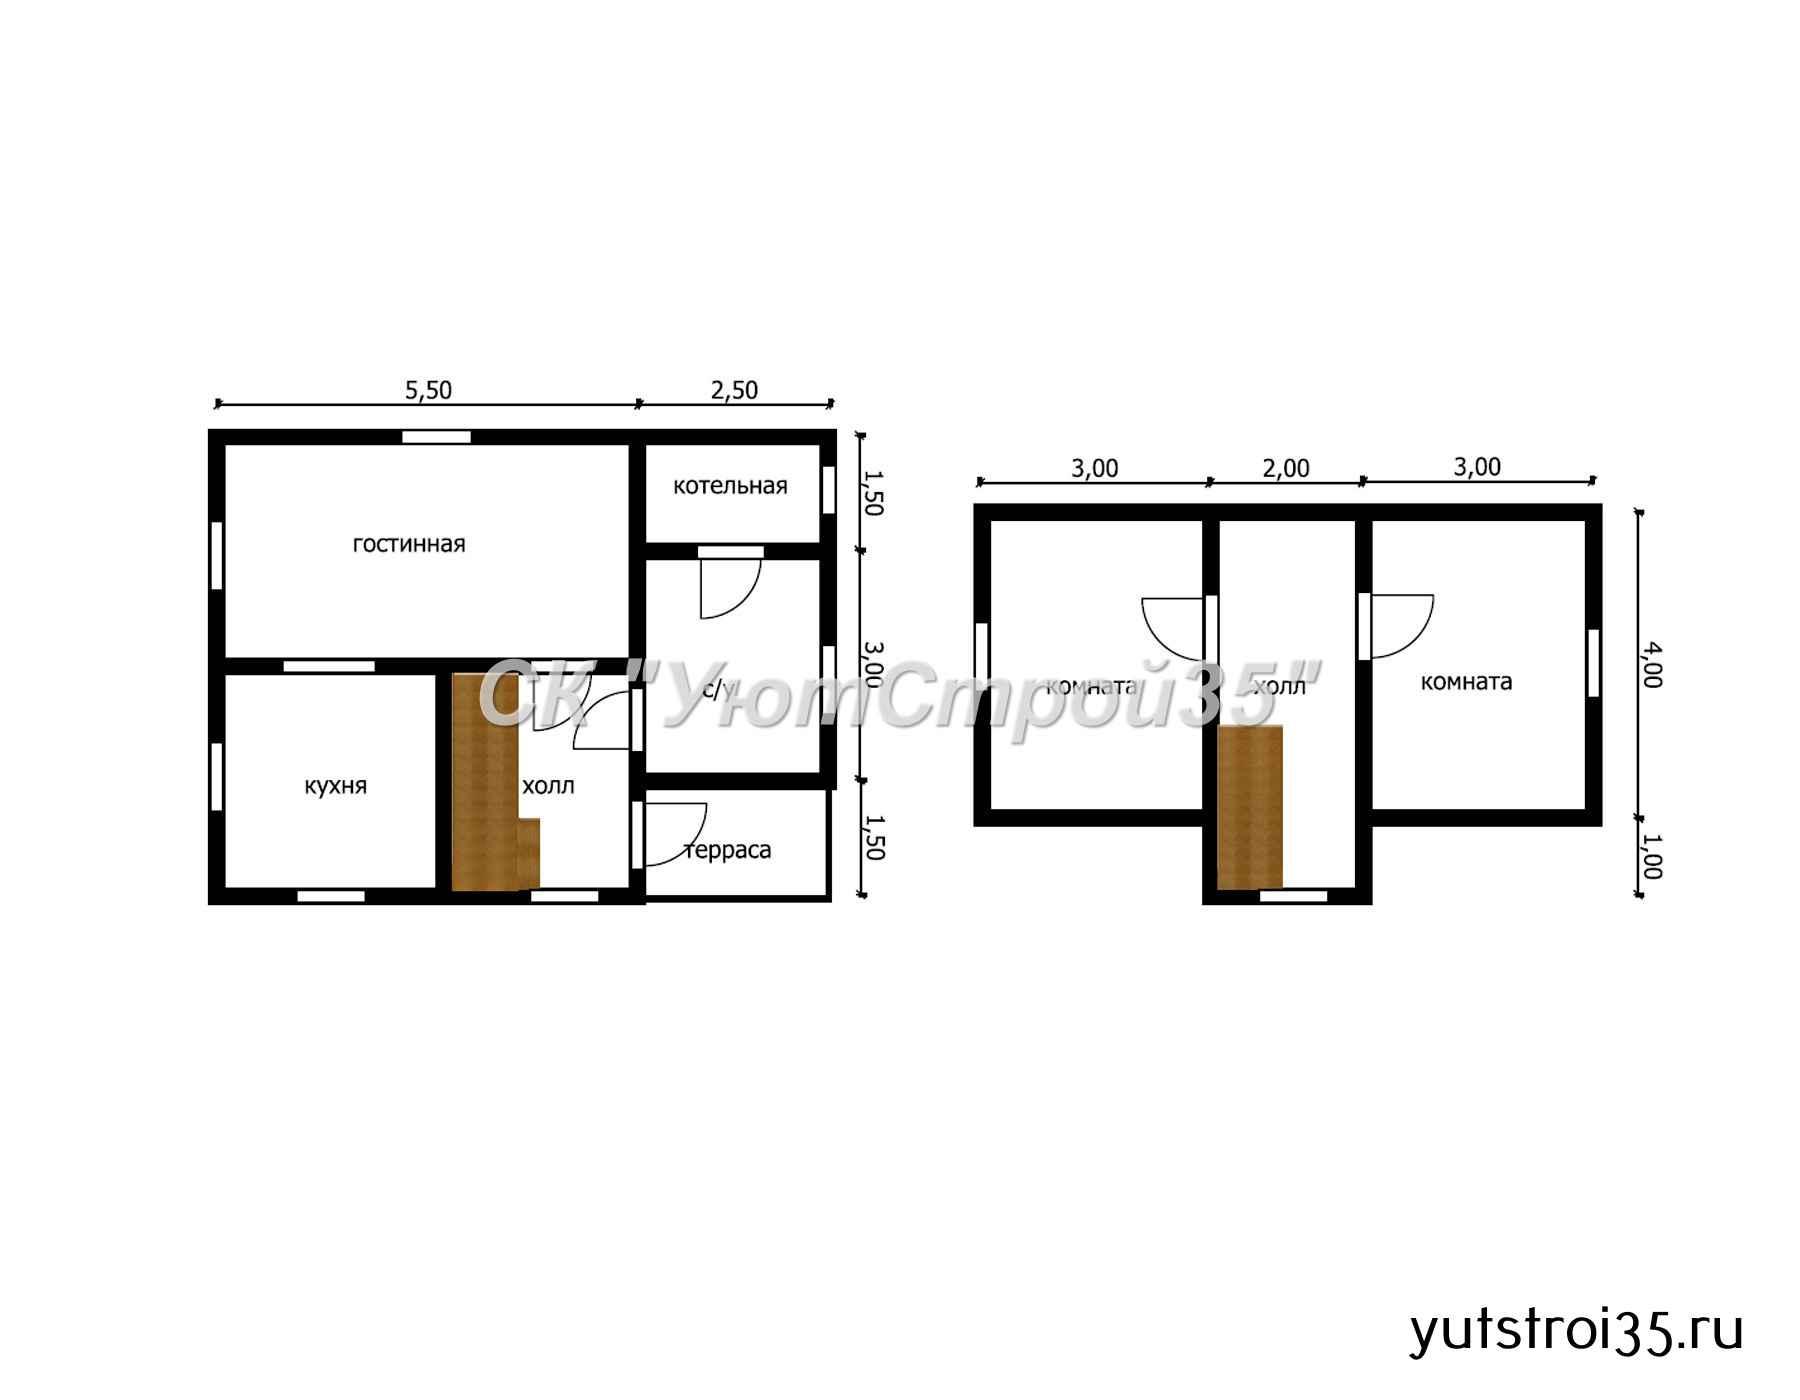 Каркасный дом 6х8 м под ключ К10